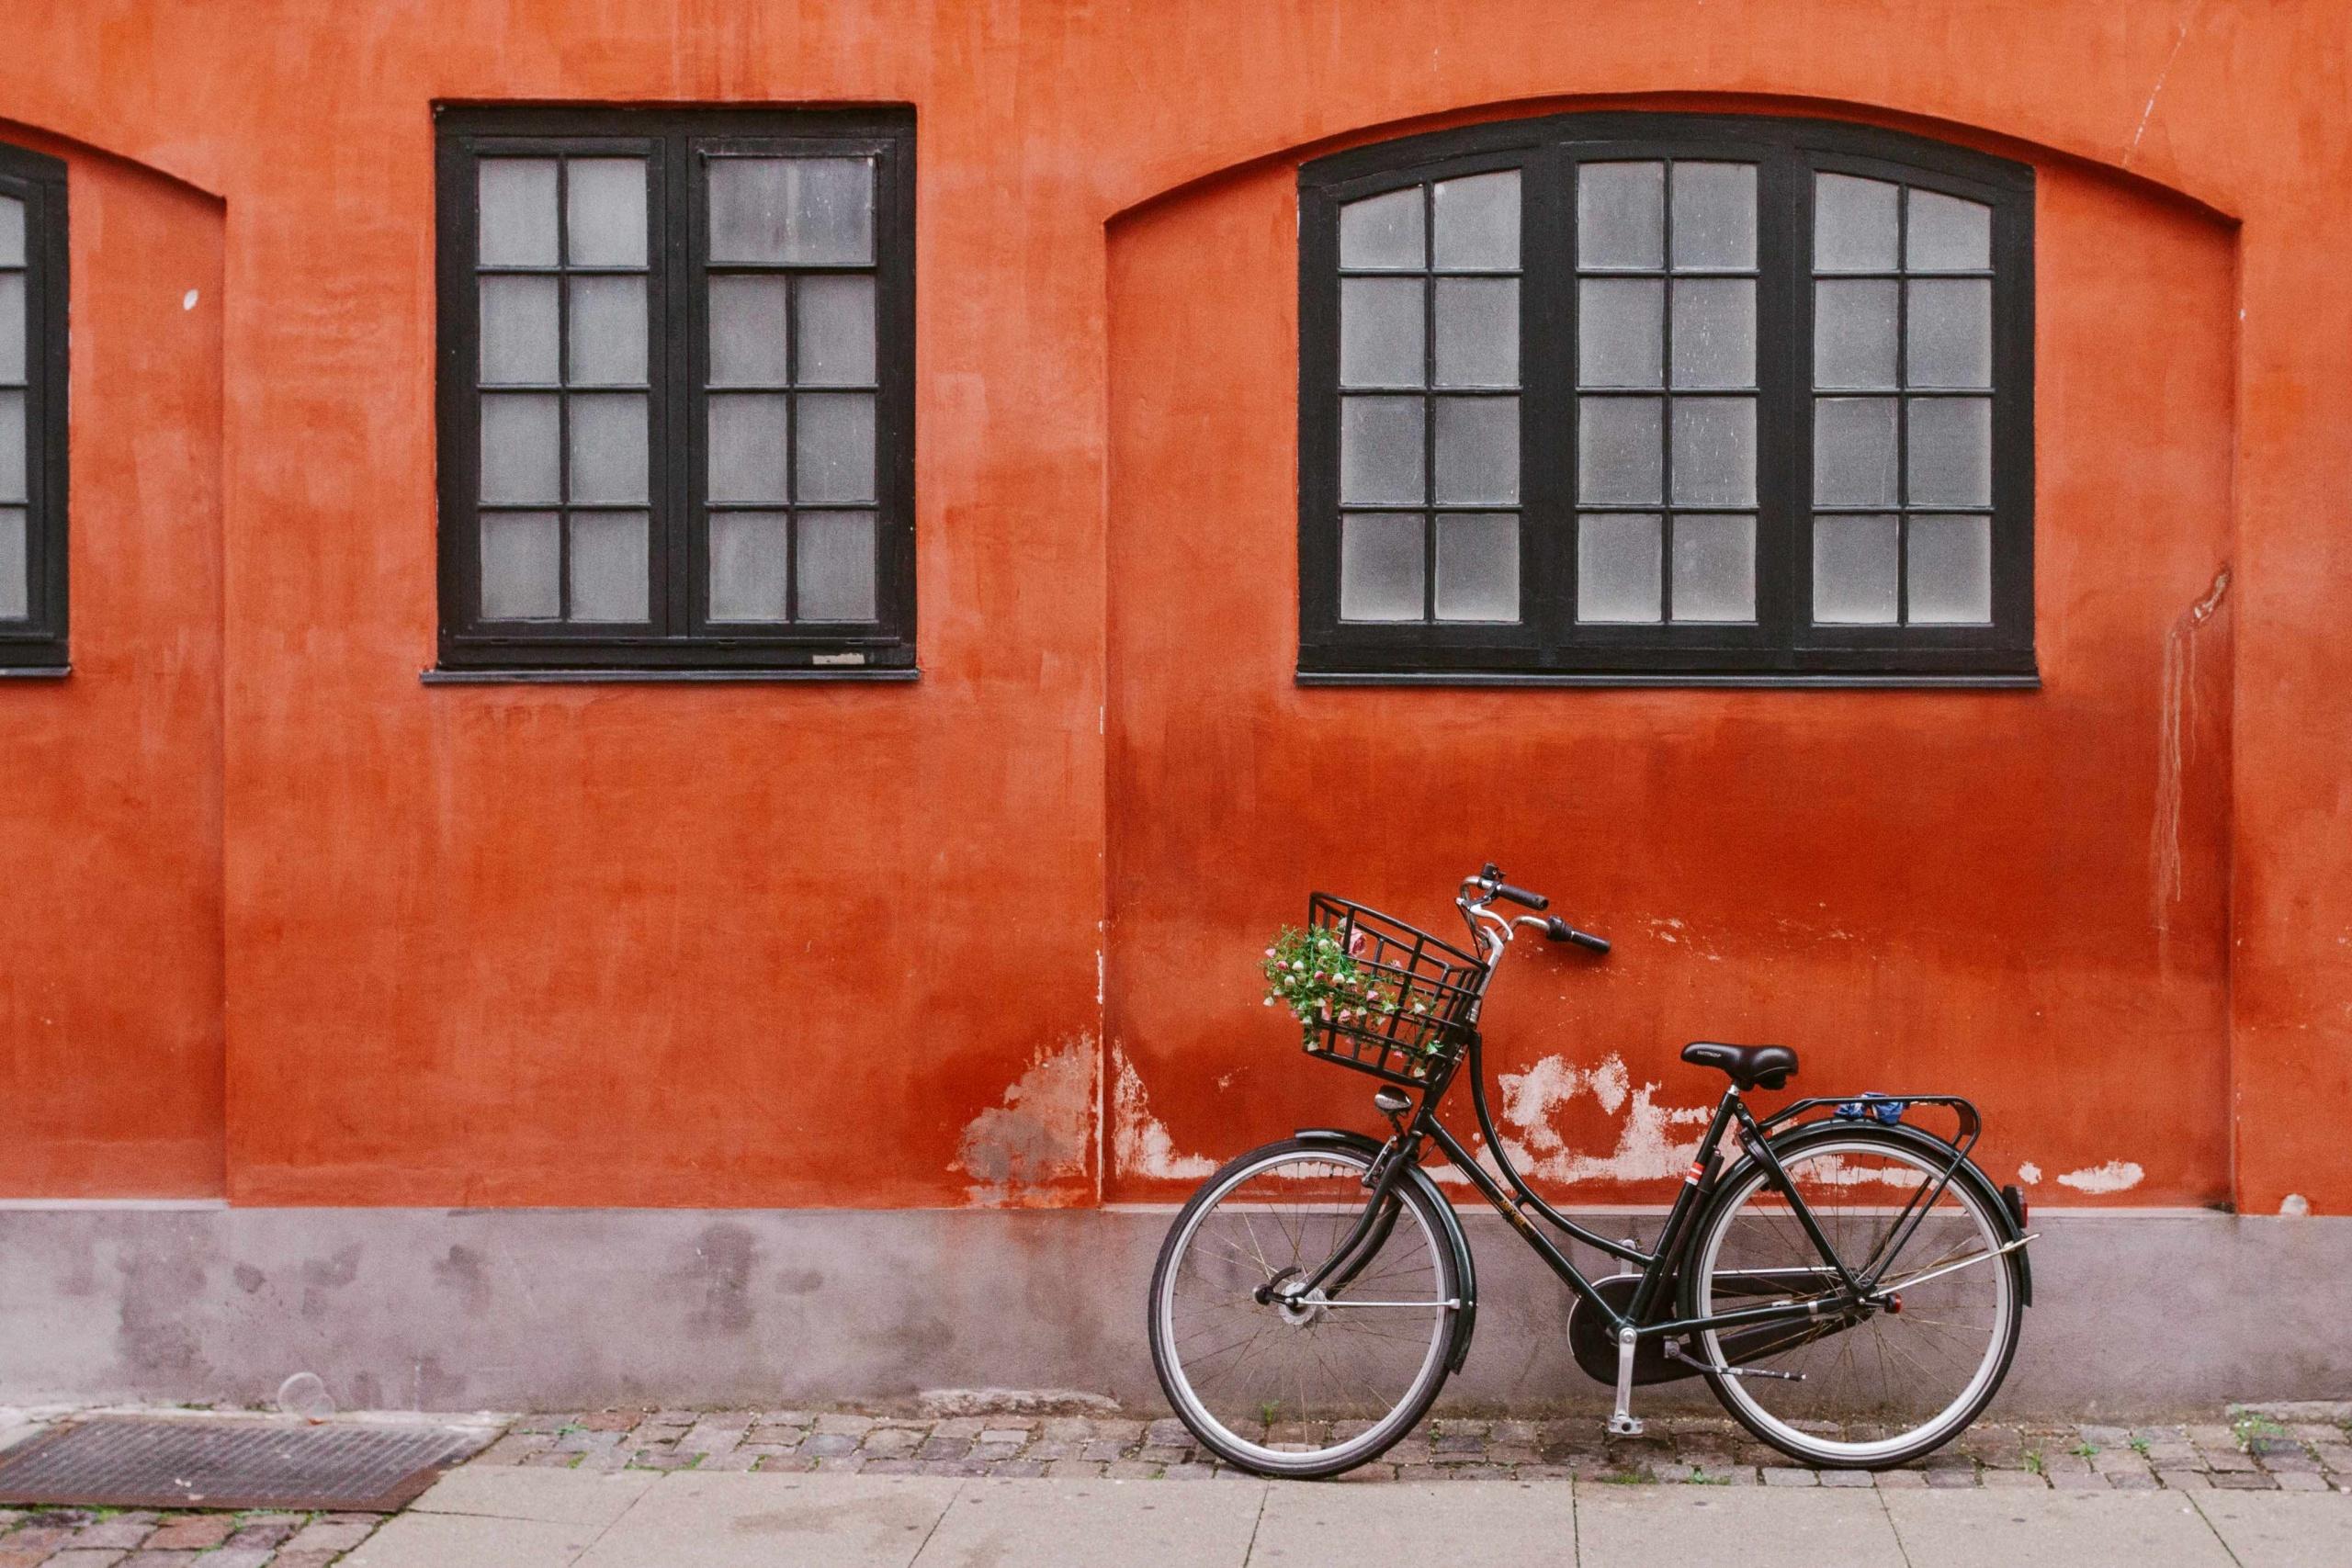 viaggi sostenibili: muoversi in bicicletta, bici appoggiata al muro